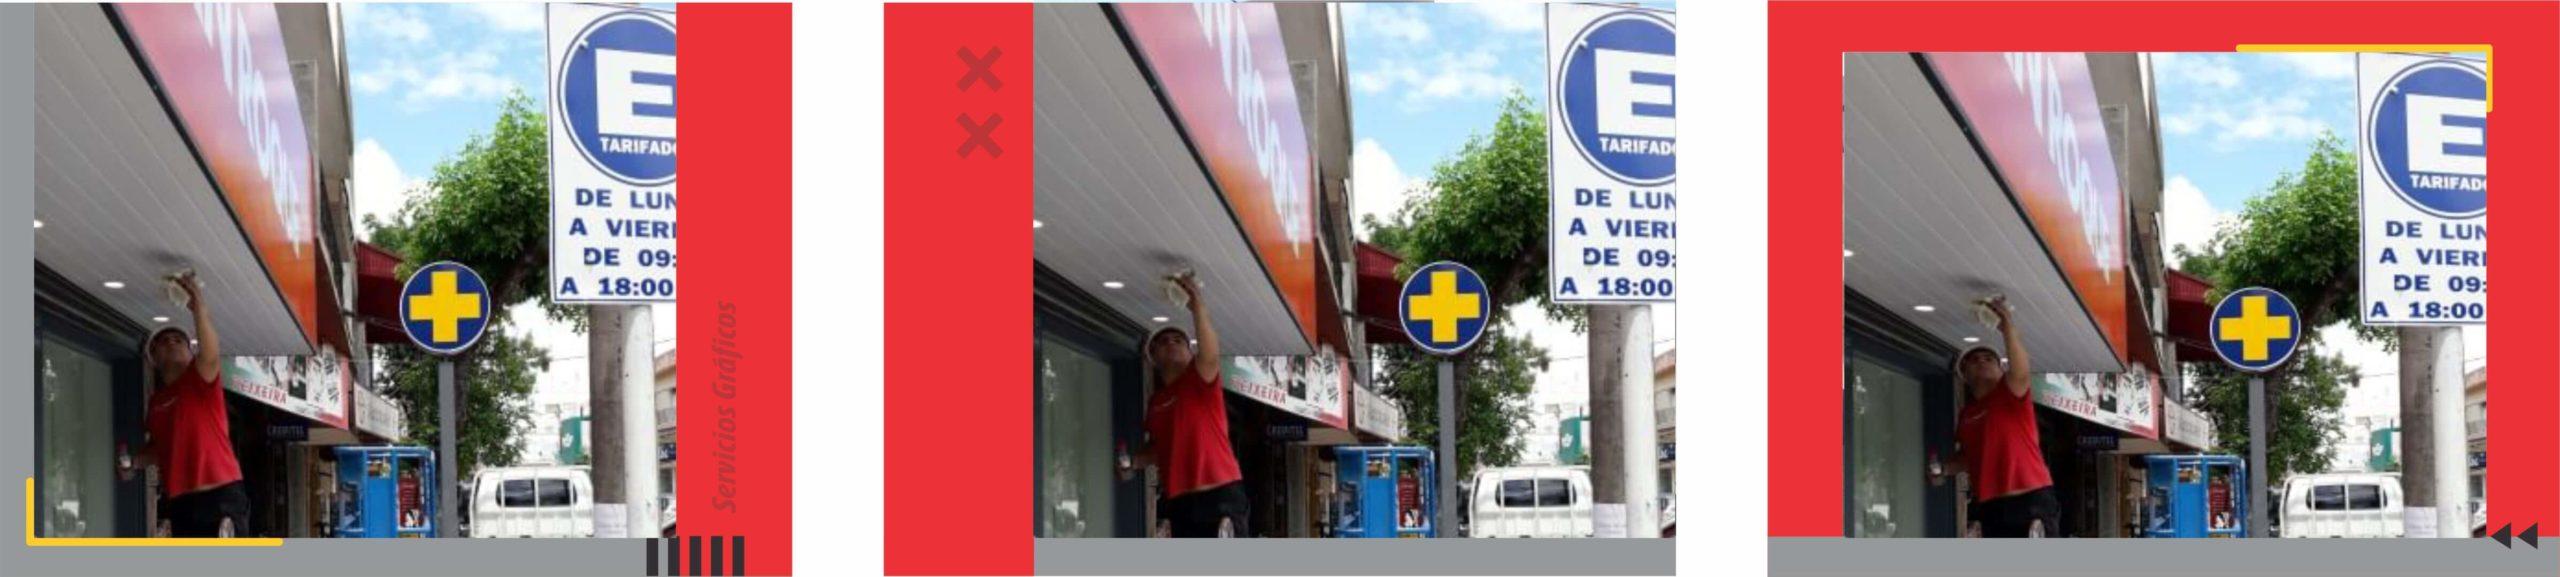 Servicio de Carteleria en Uruguay